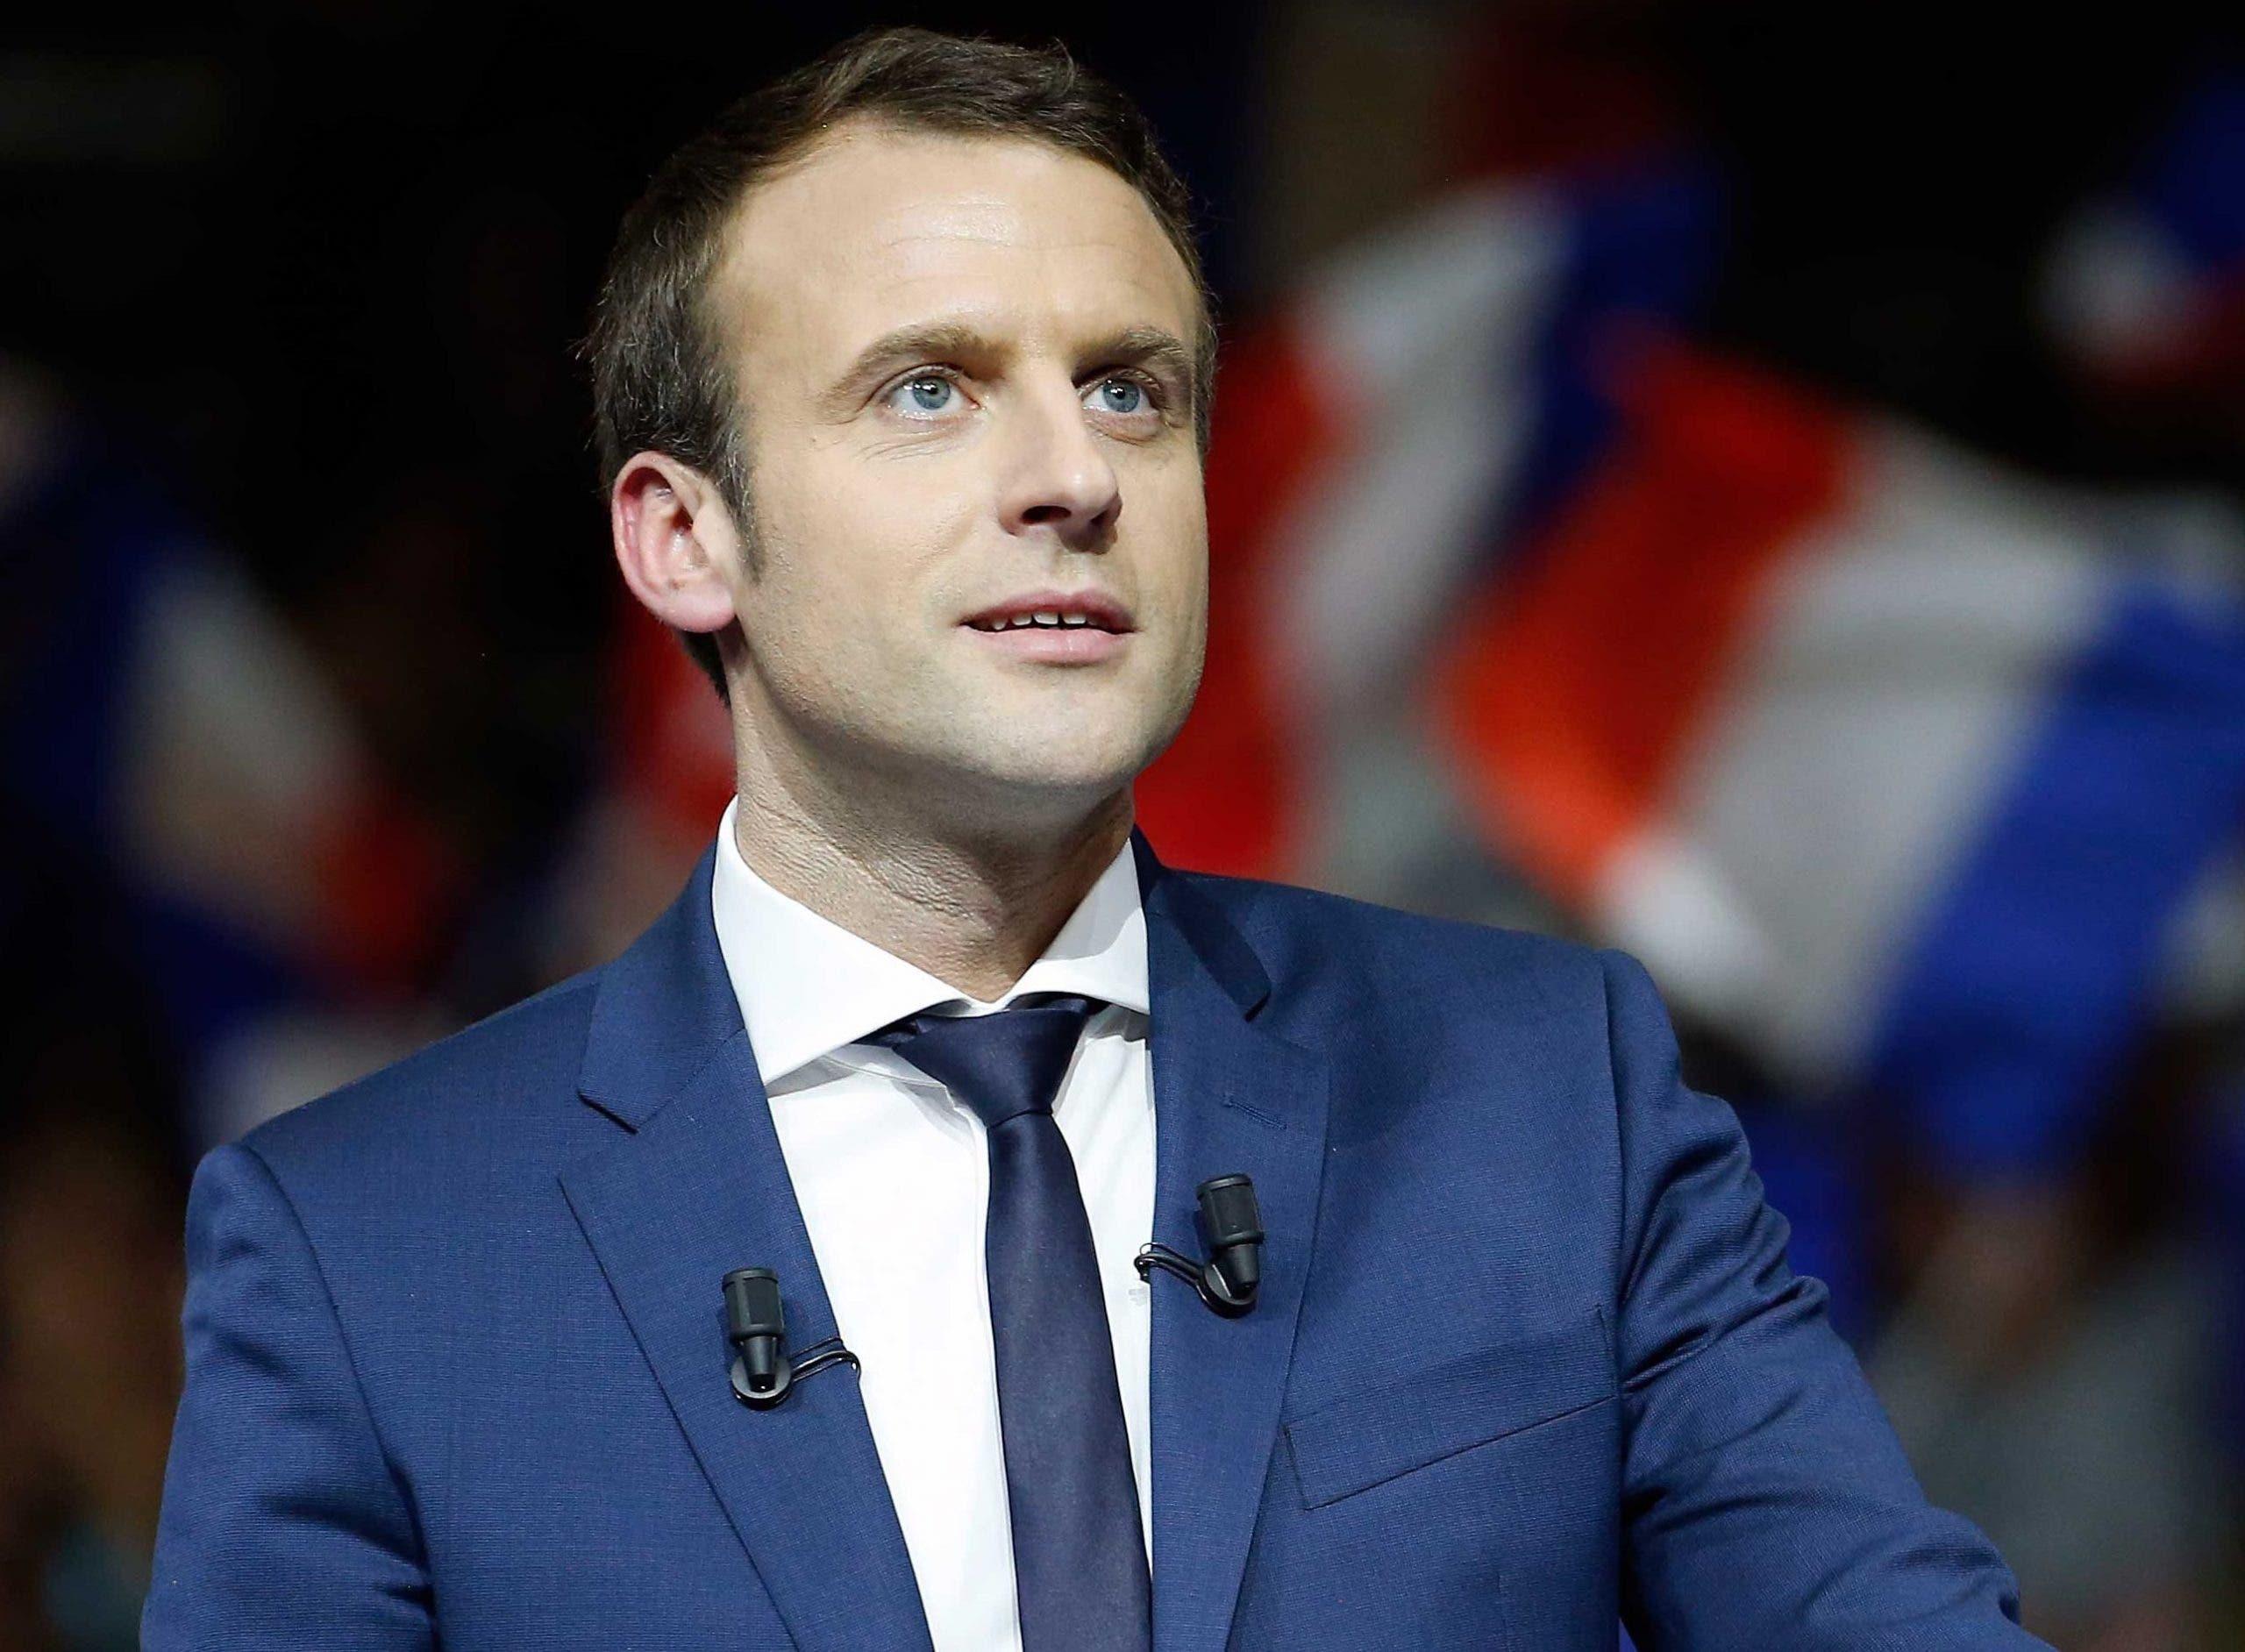 Macron oo weerar culus ku qaaday ISLAAMKA, kuna dhowaaqay go'aano adag